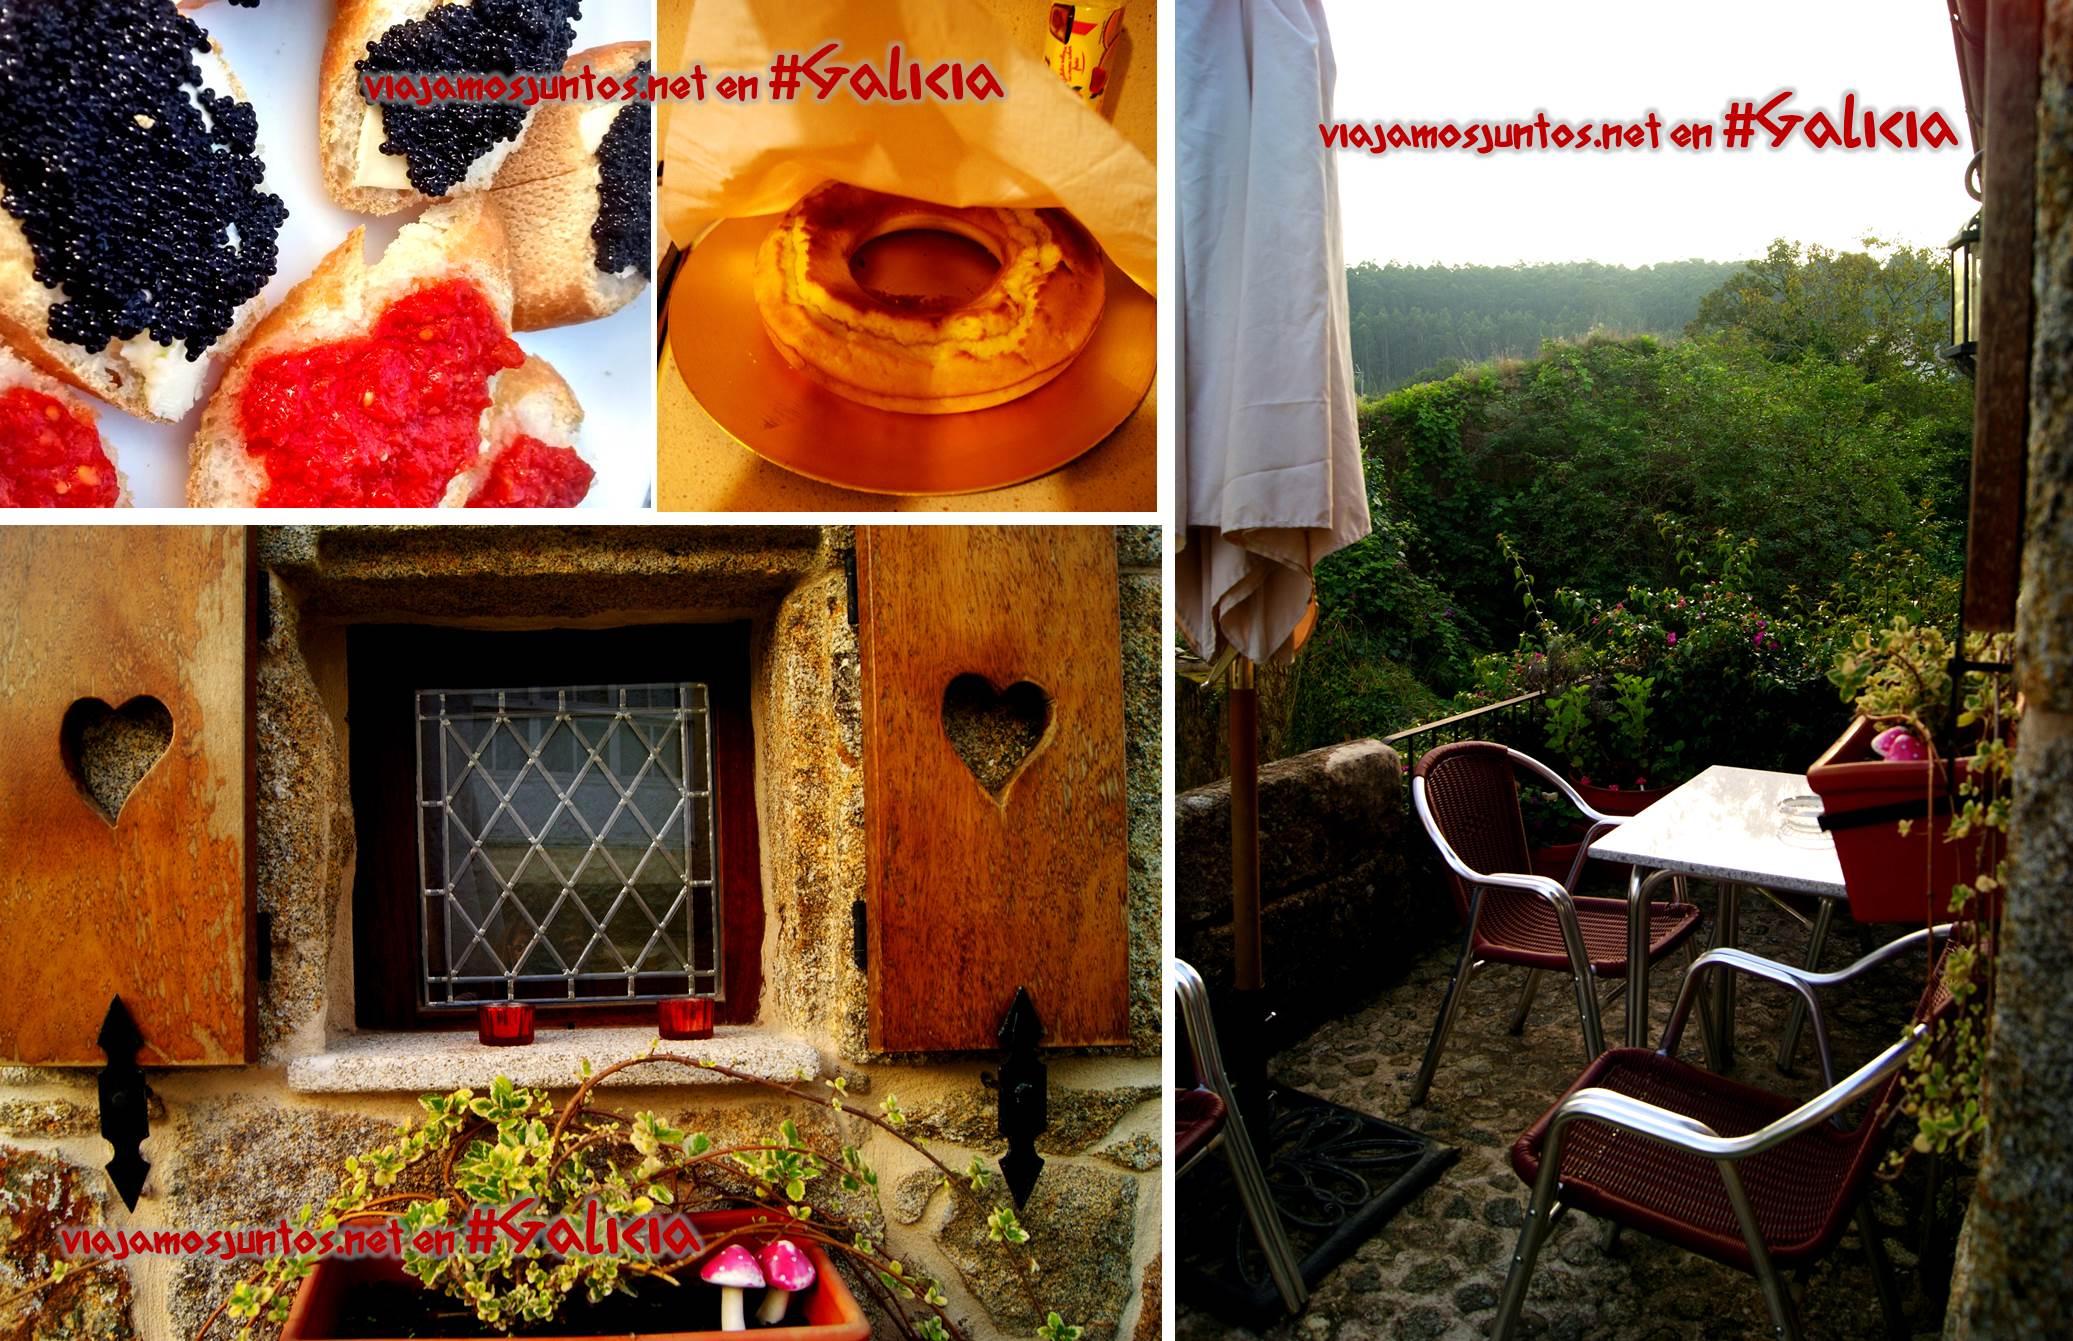 Desyuno en la terraza de la Casa de Carmen, Corcubión, Costa da Morte, Galicia